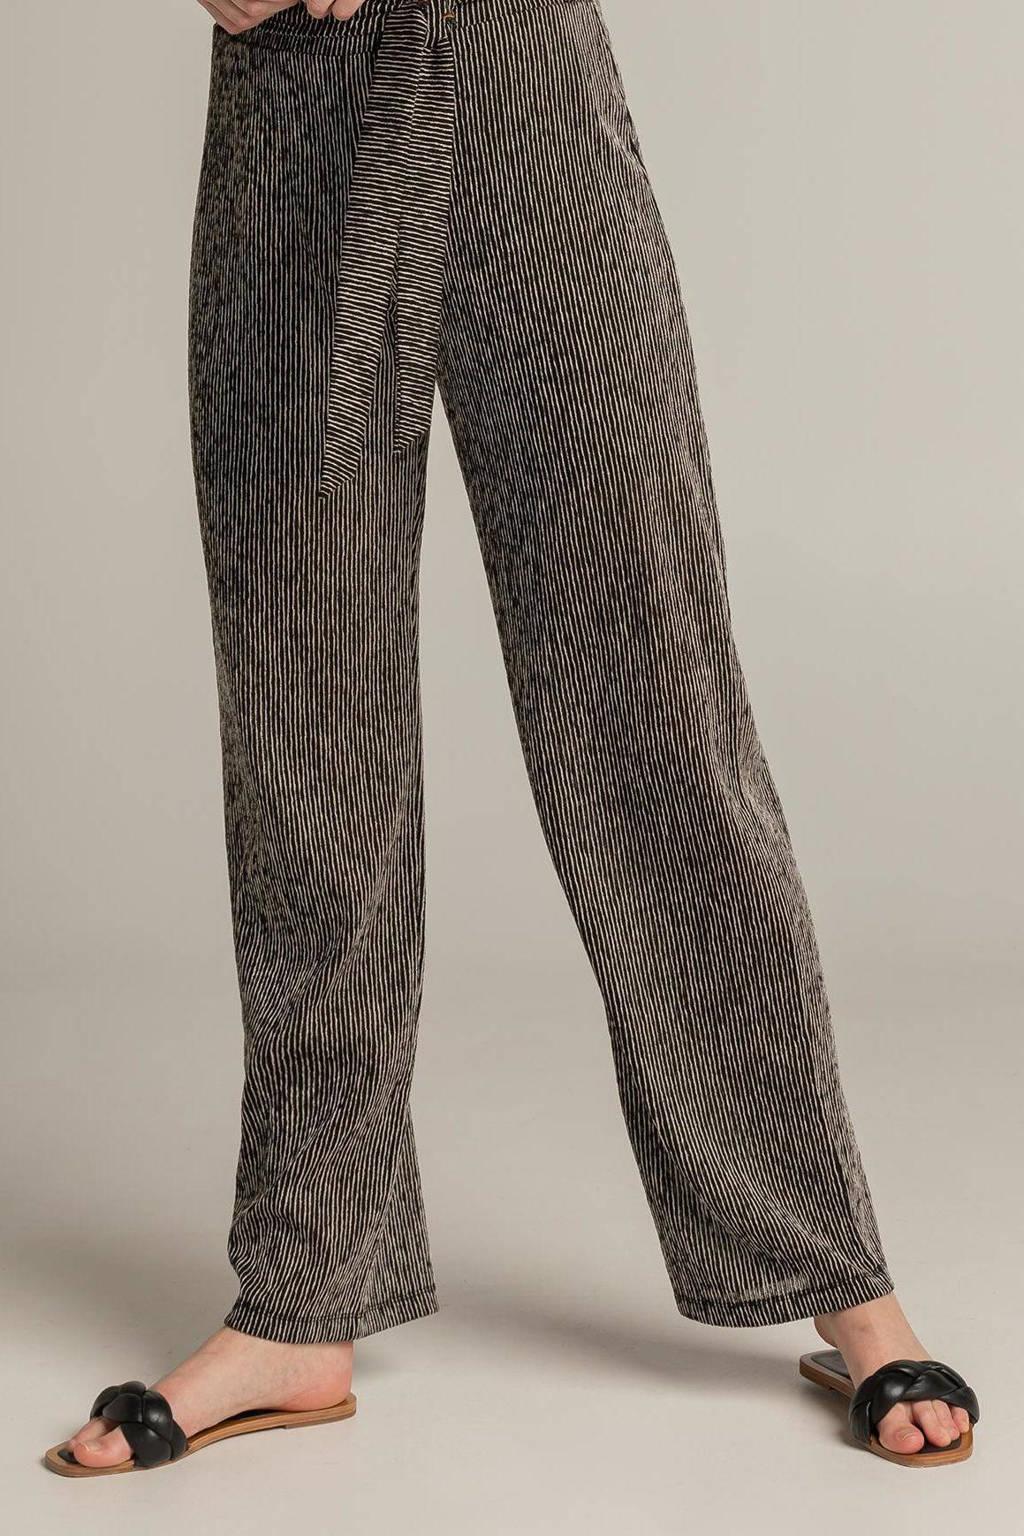 Expresso gestreepte high waist wide leg palazzo broek 202FABIA zwart/zilver, Zwart/zilver